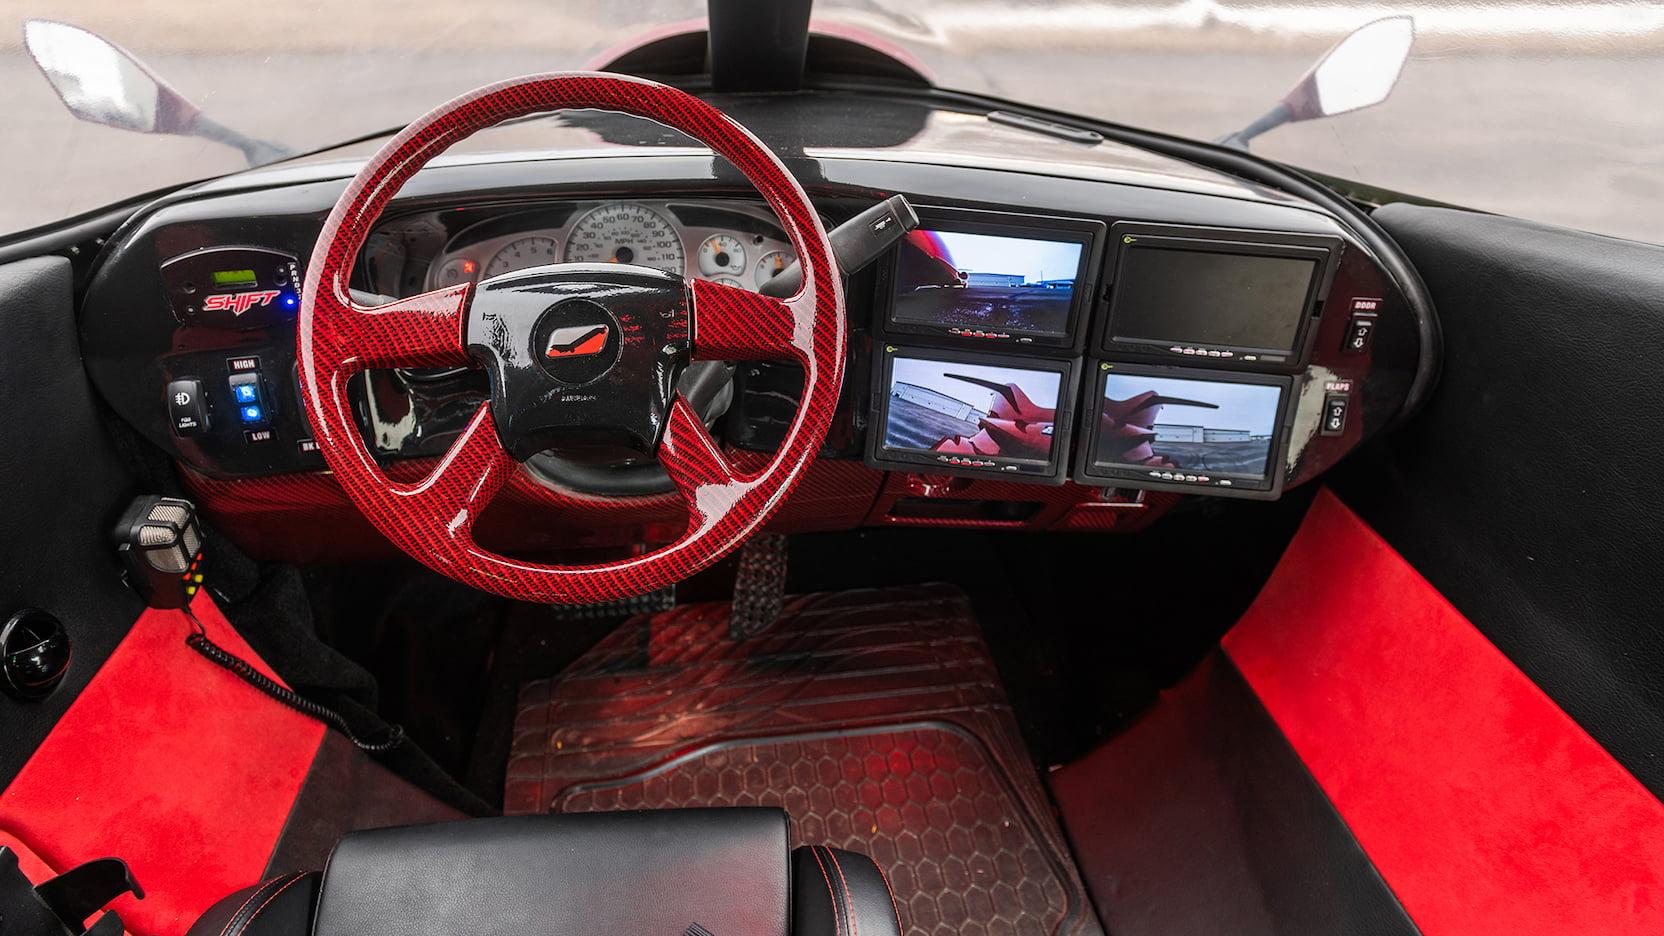 Limo-Jet Lear Jet Limousine driver's cockpit